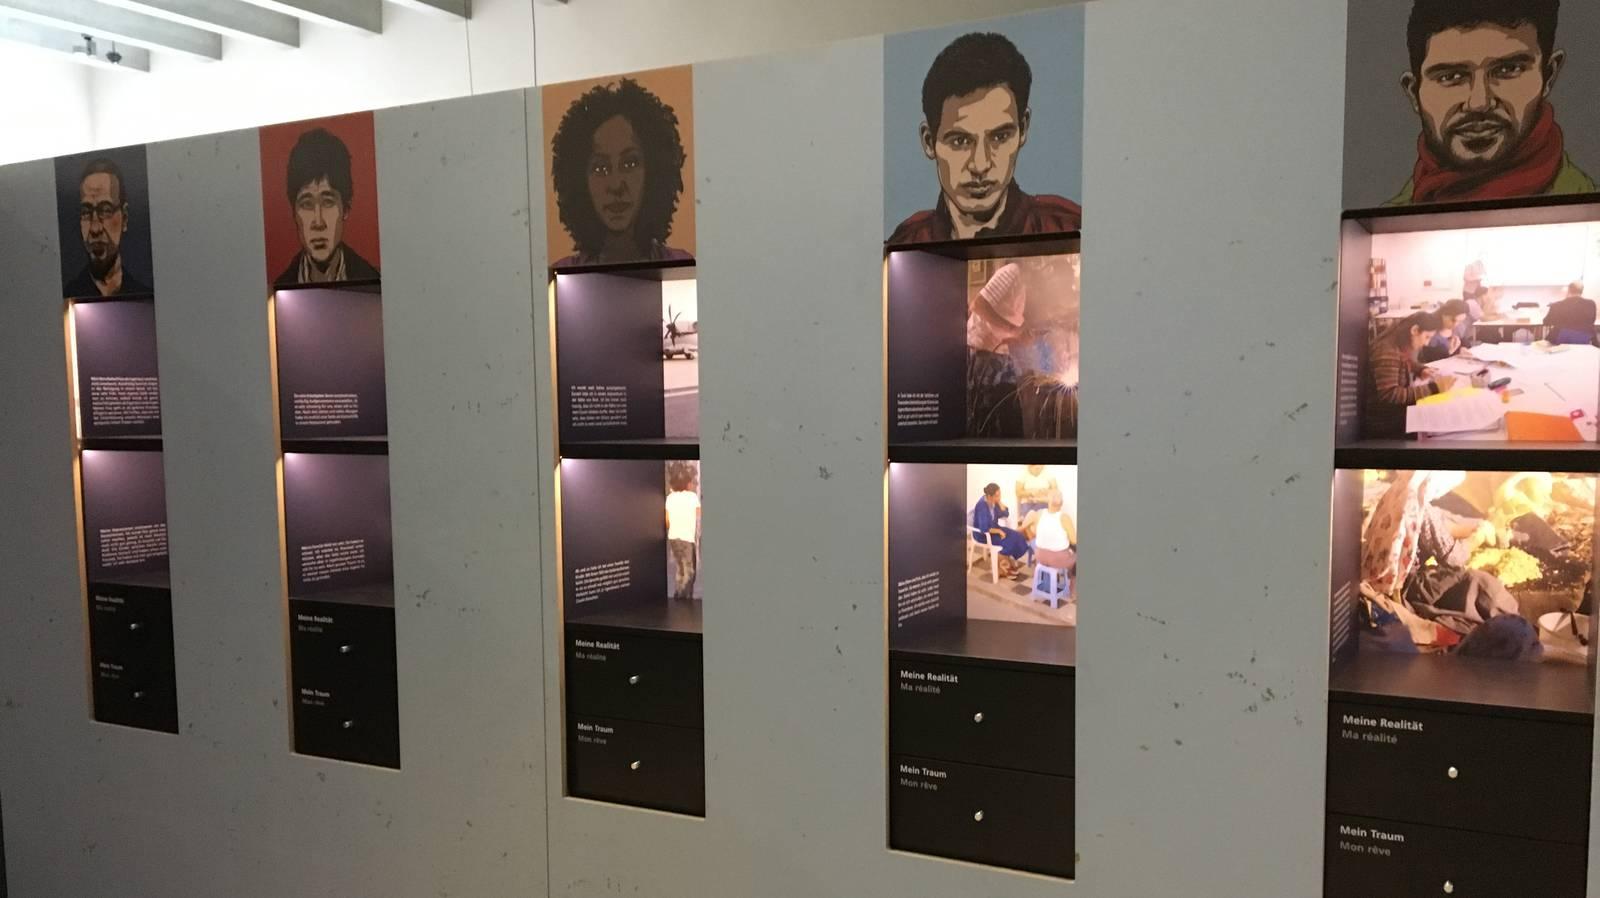 Einblick in die Austellung zum Thema «Flucht» im Stadtmuseum Aarau (© Radio Argovia)